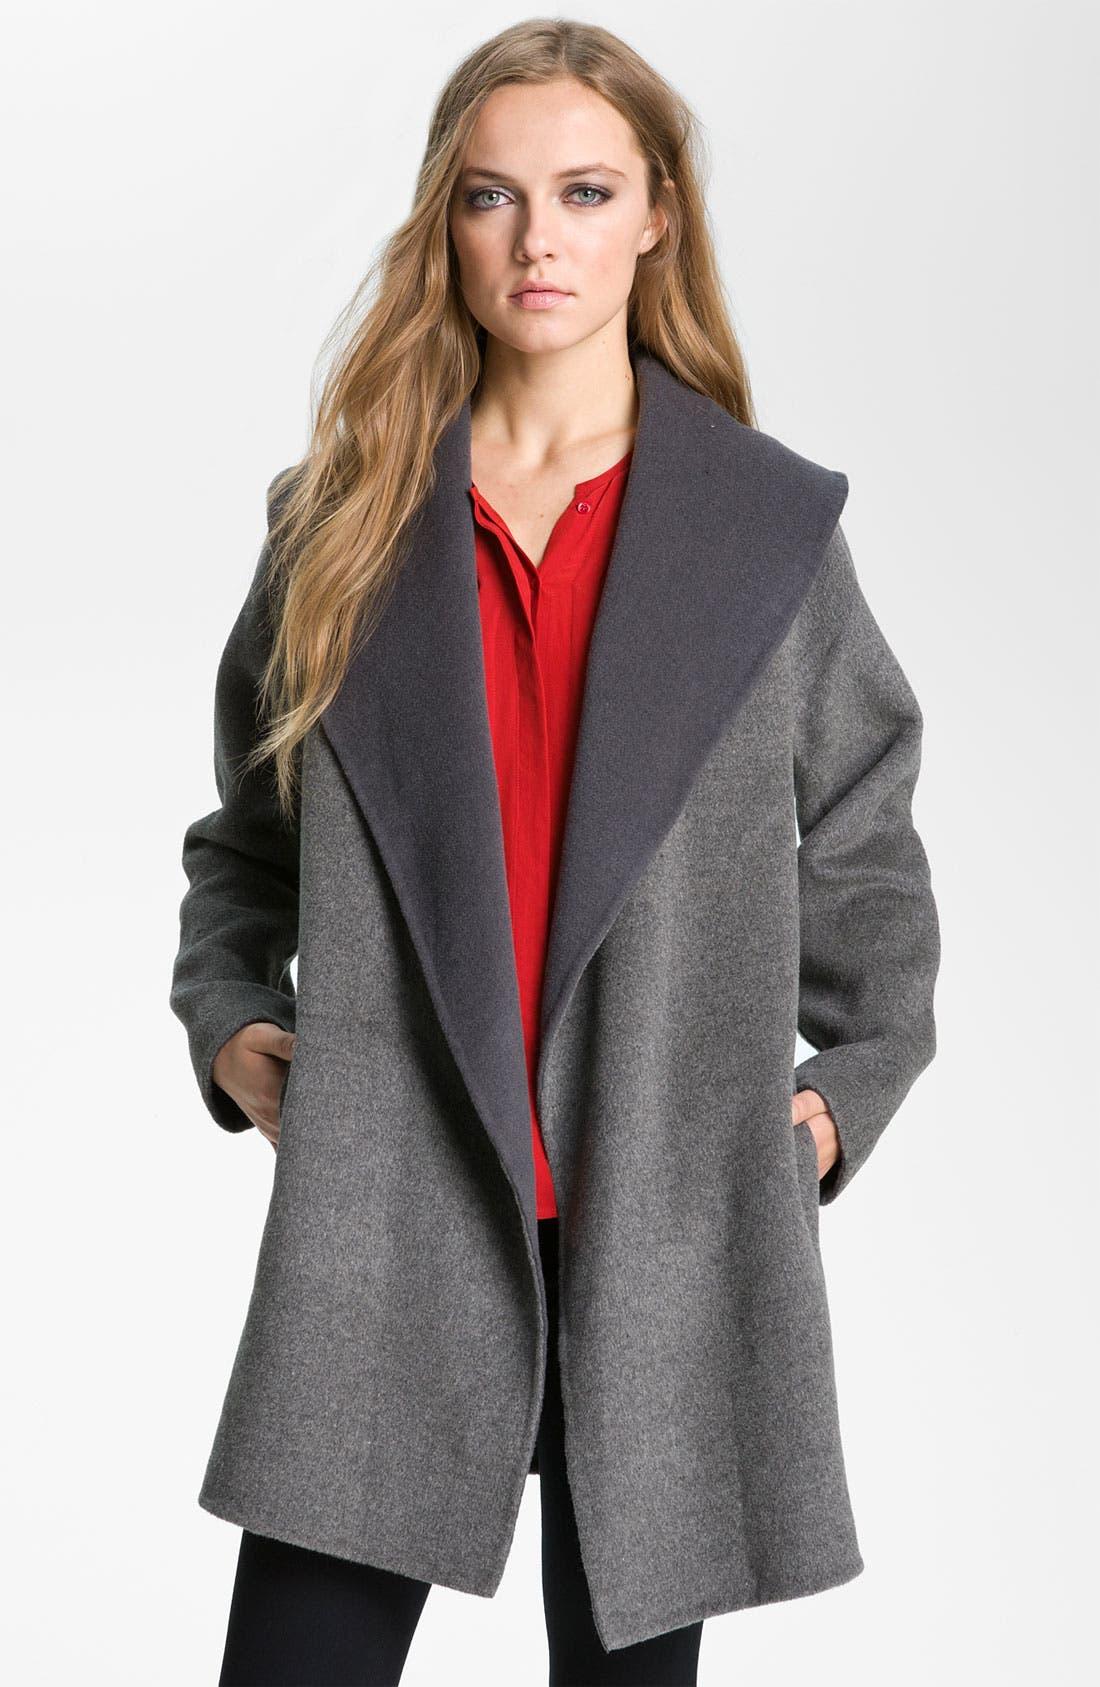 Alternate Image 1 Selected - Joie 'Teyona' Two Tone Wool Blend Jacket